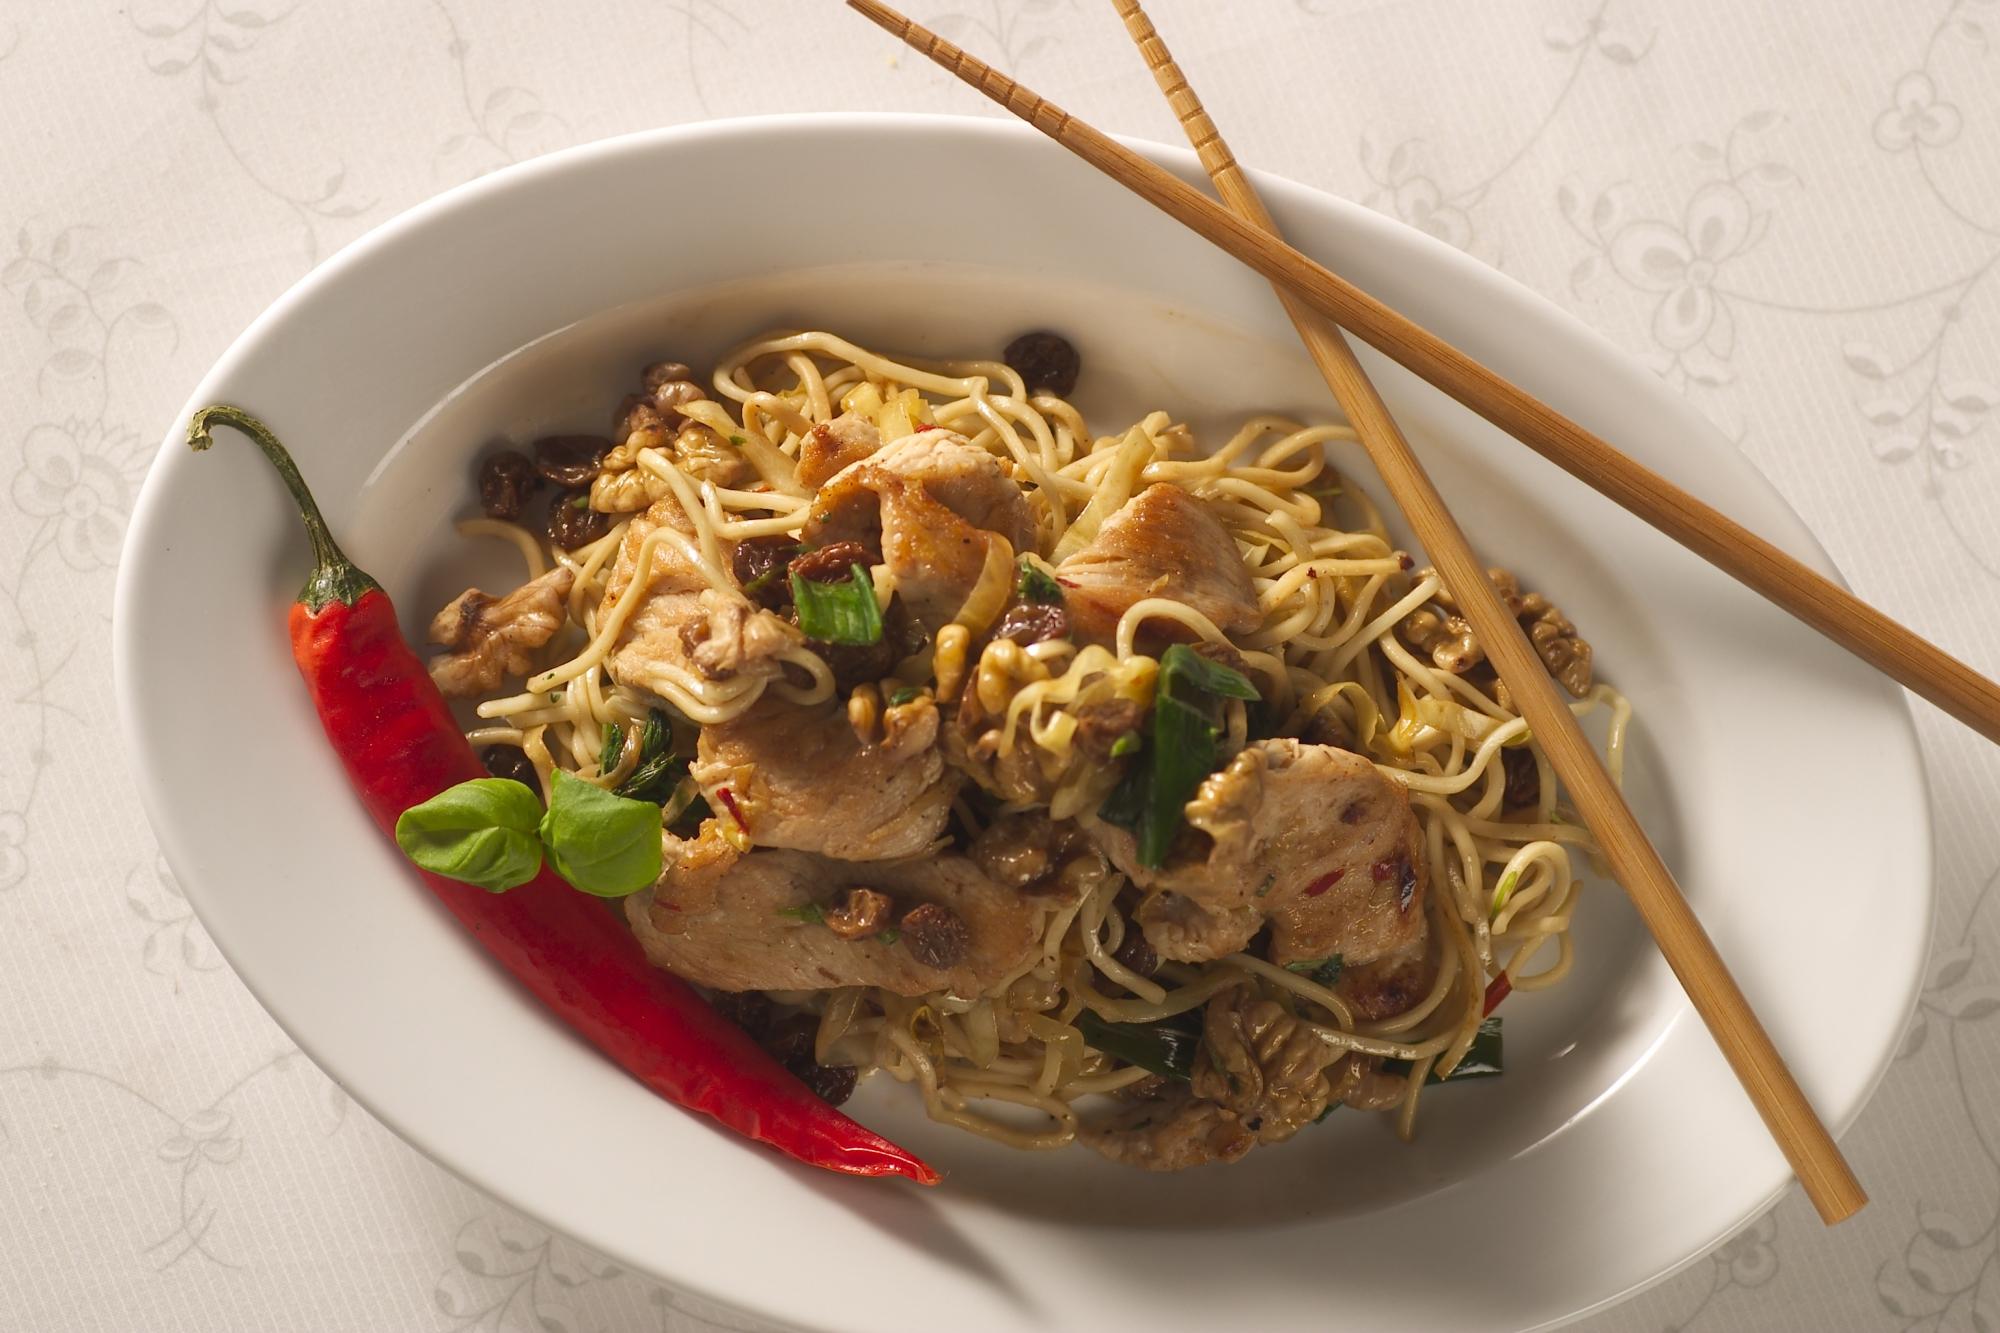 Kalkun i wok